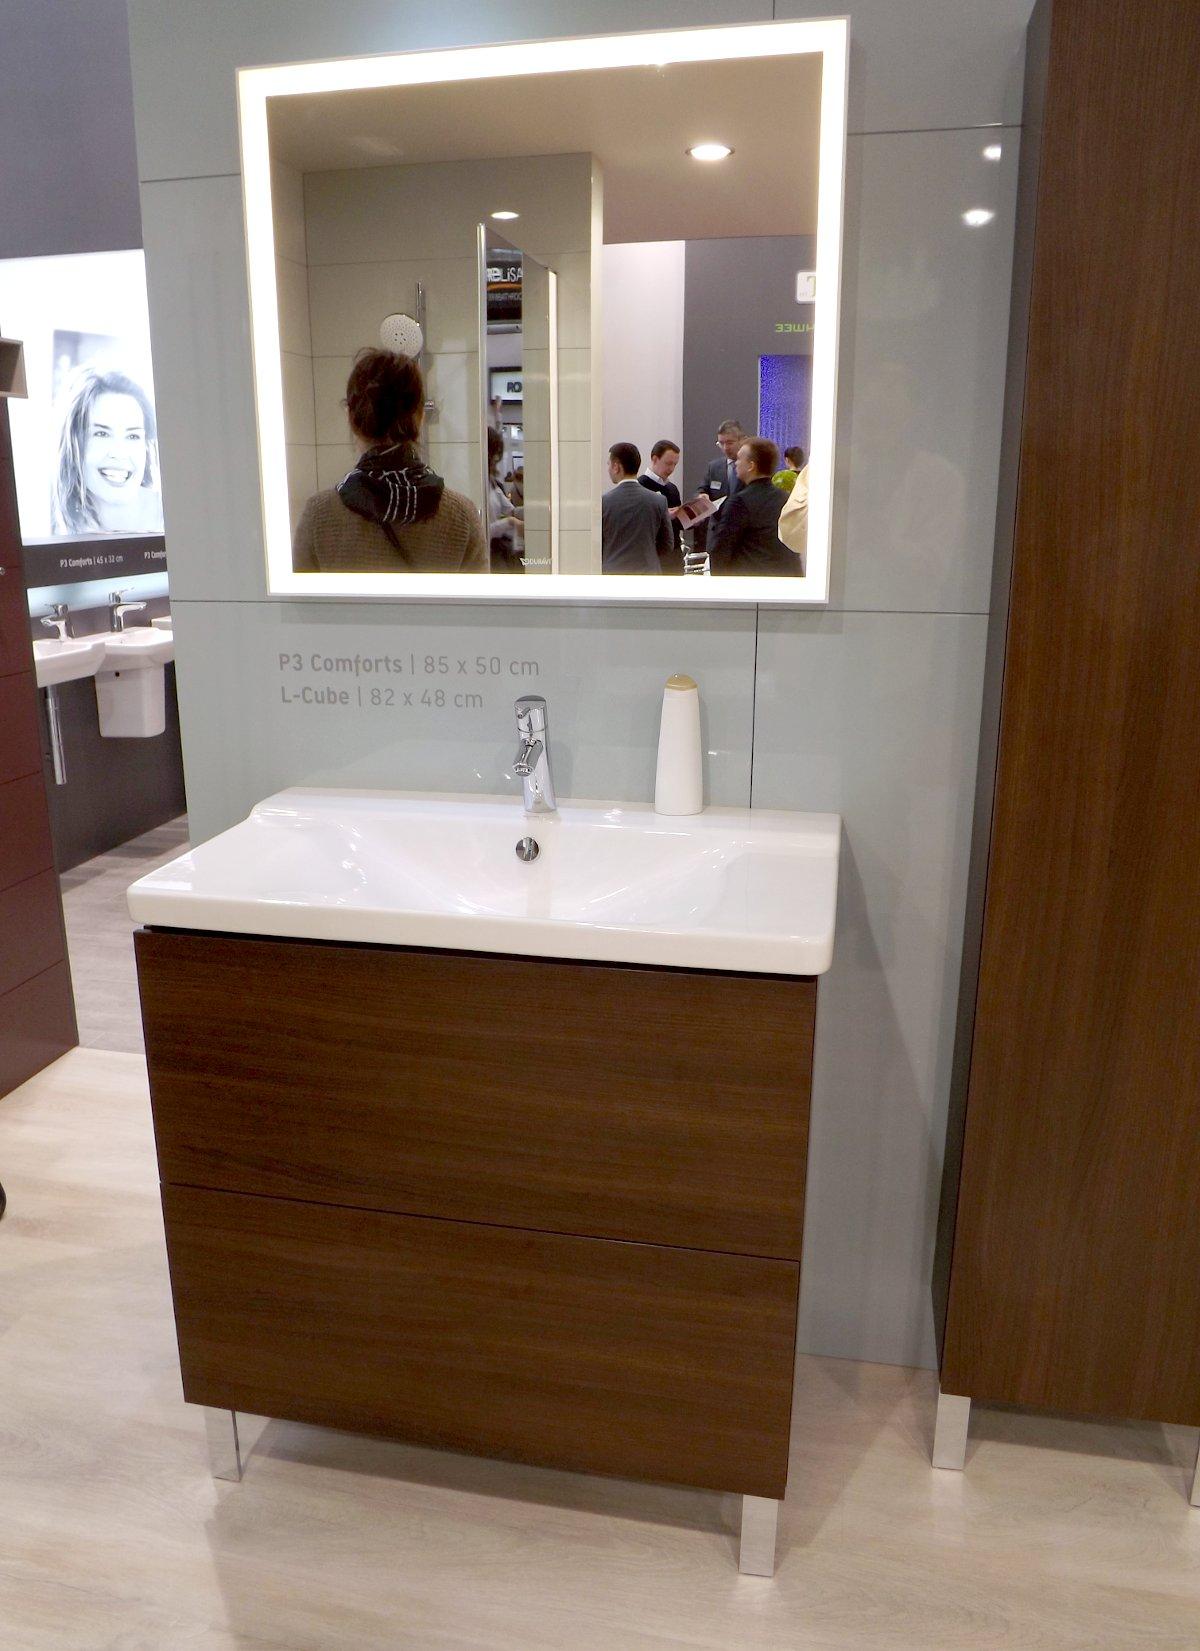 Тумба под раковину и зеркало с подсветкой из коллекции мебели для ванной L-Cube от Duravit на выставке МосБилд 2015